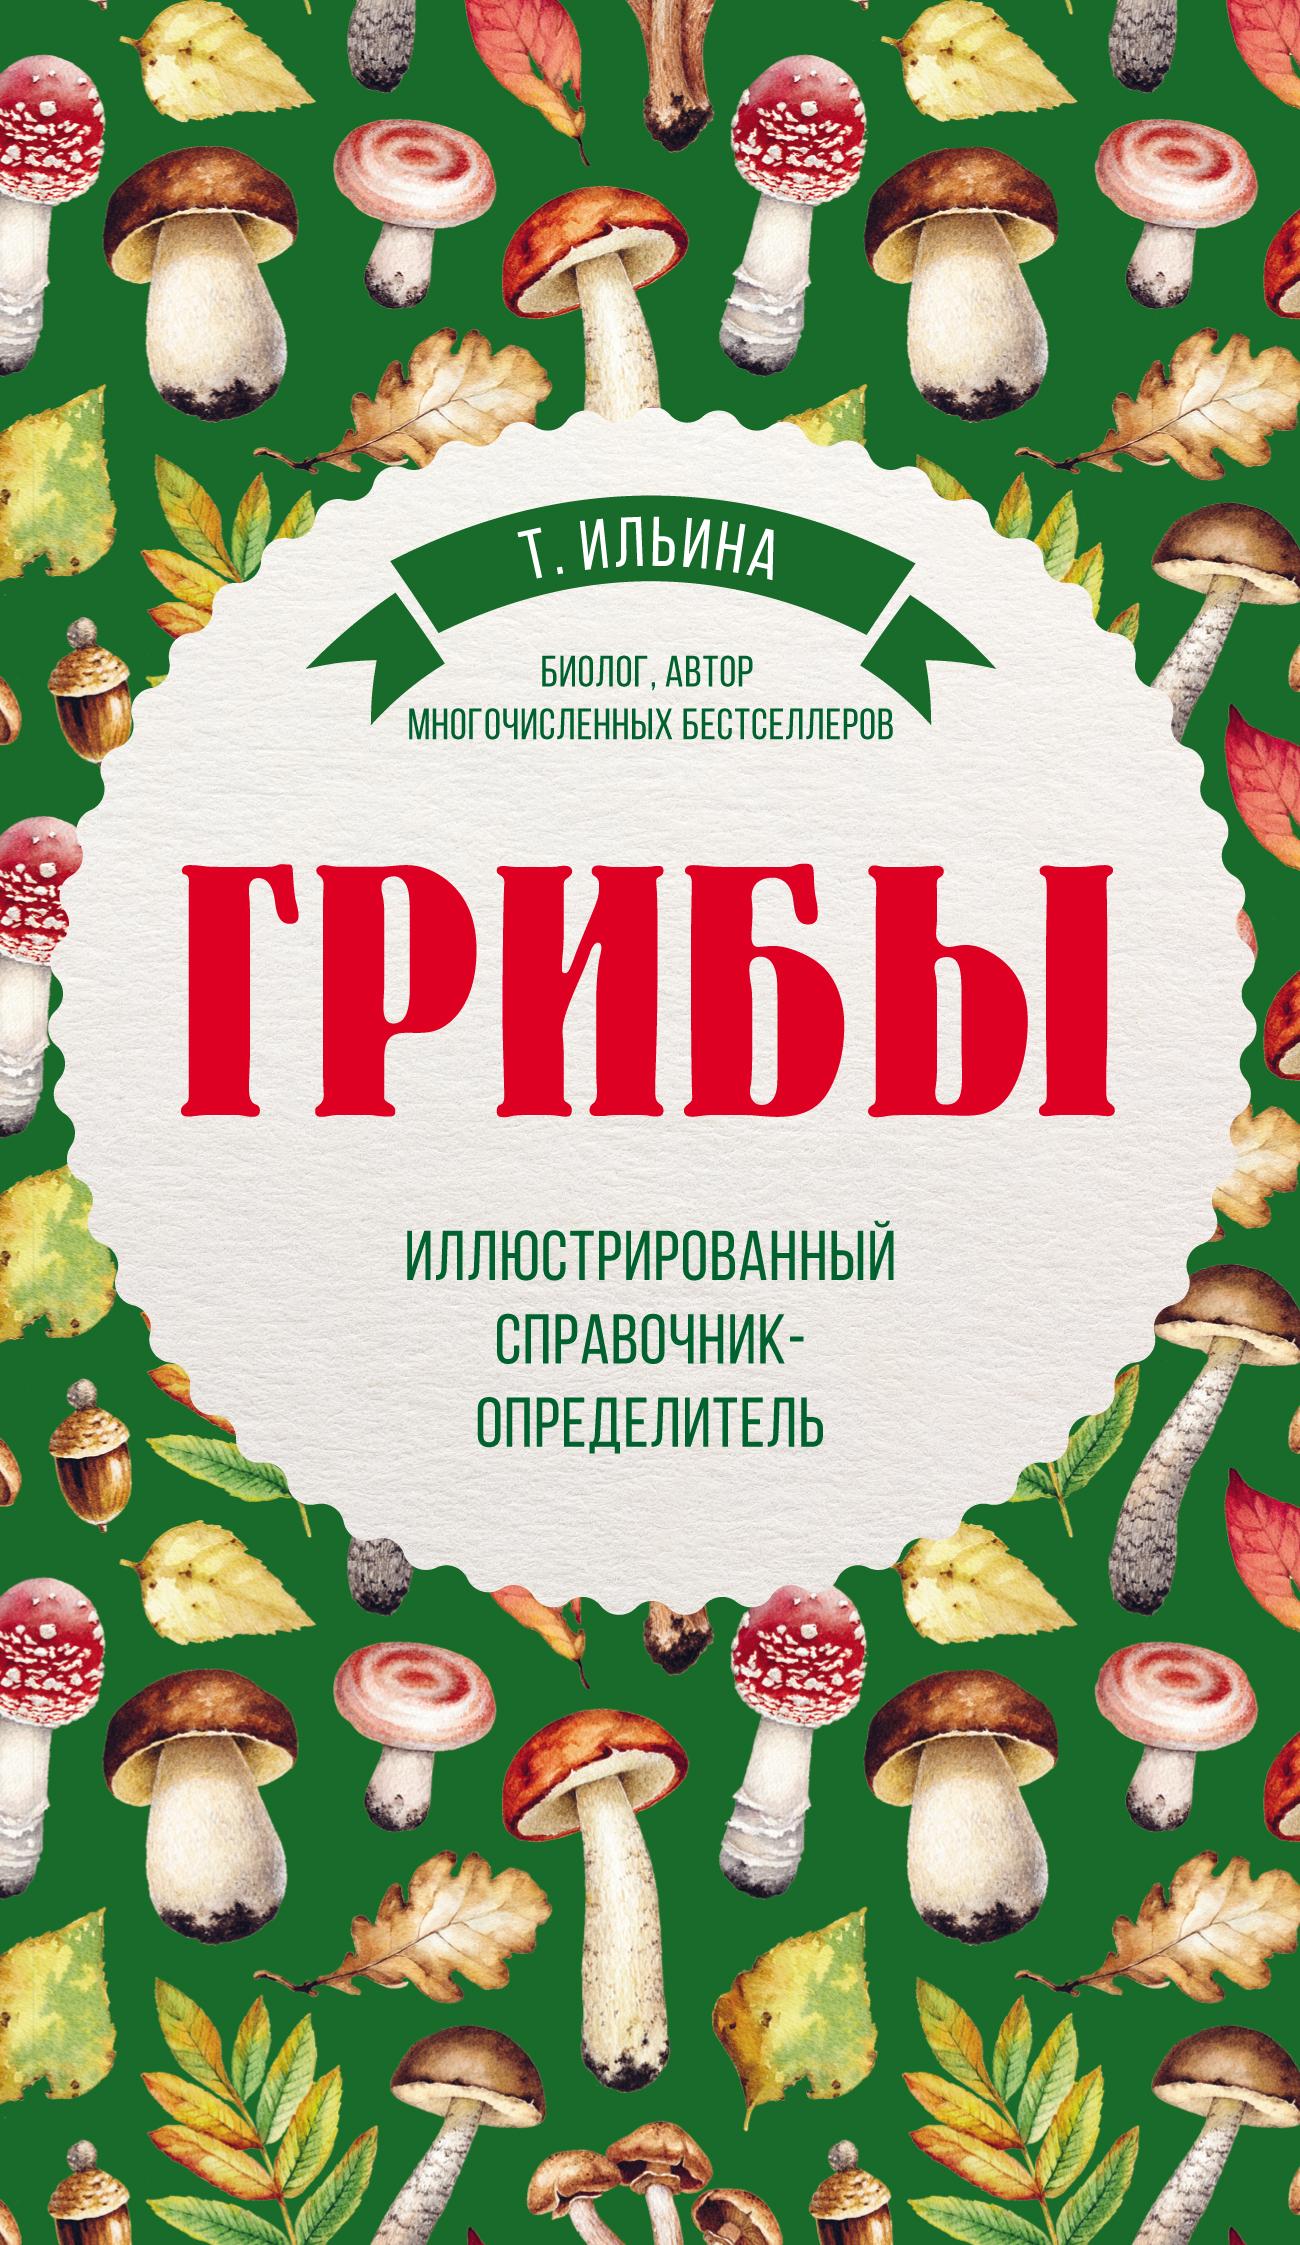 Грибы. Иллюстрированный справочник-определитель